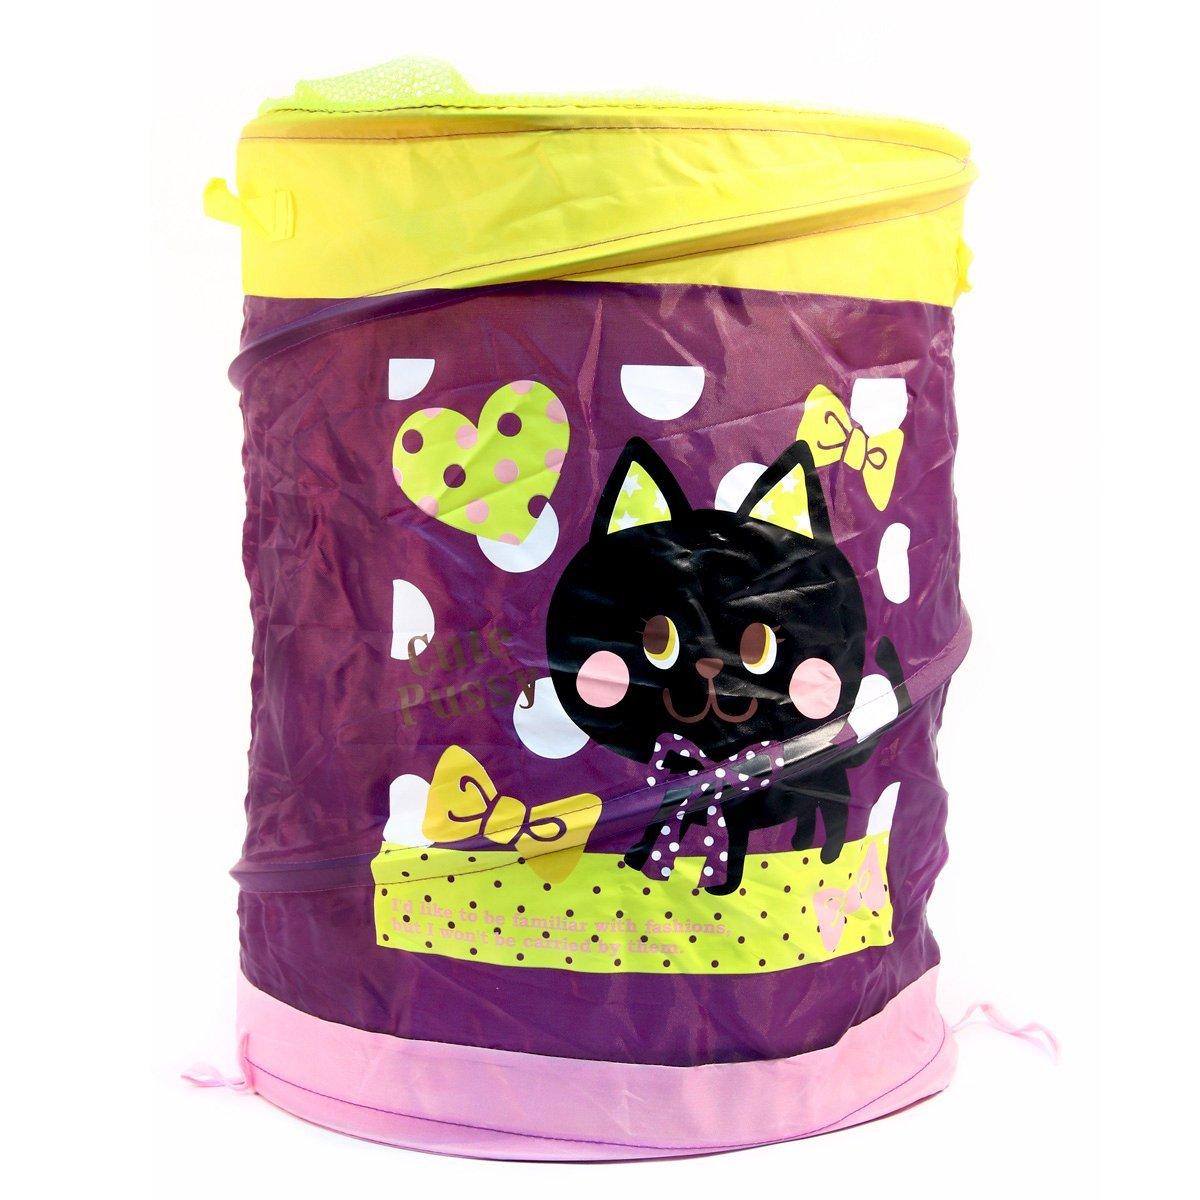 Корзина Кошка, 38х45 смКорзины для игрушек<br>Корзина Кошка, 38х45 см<br>